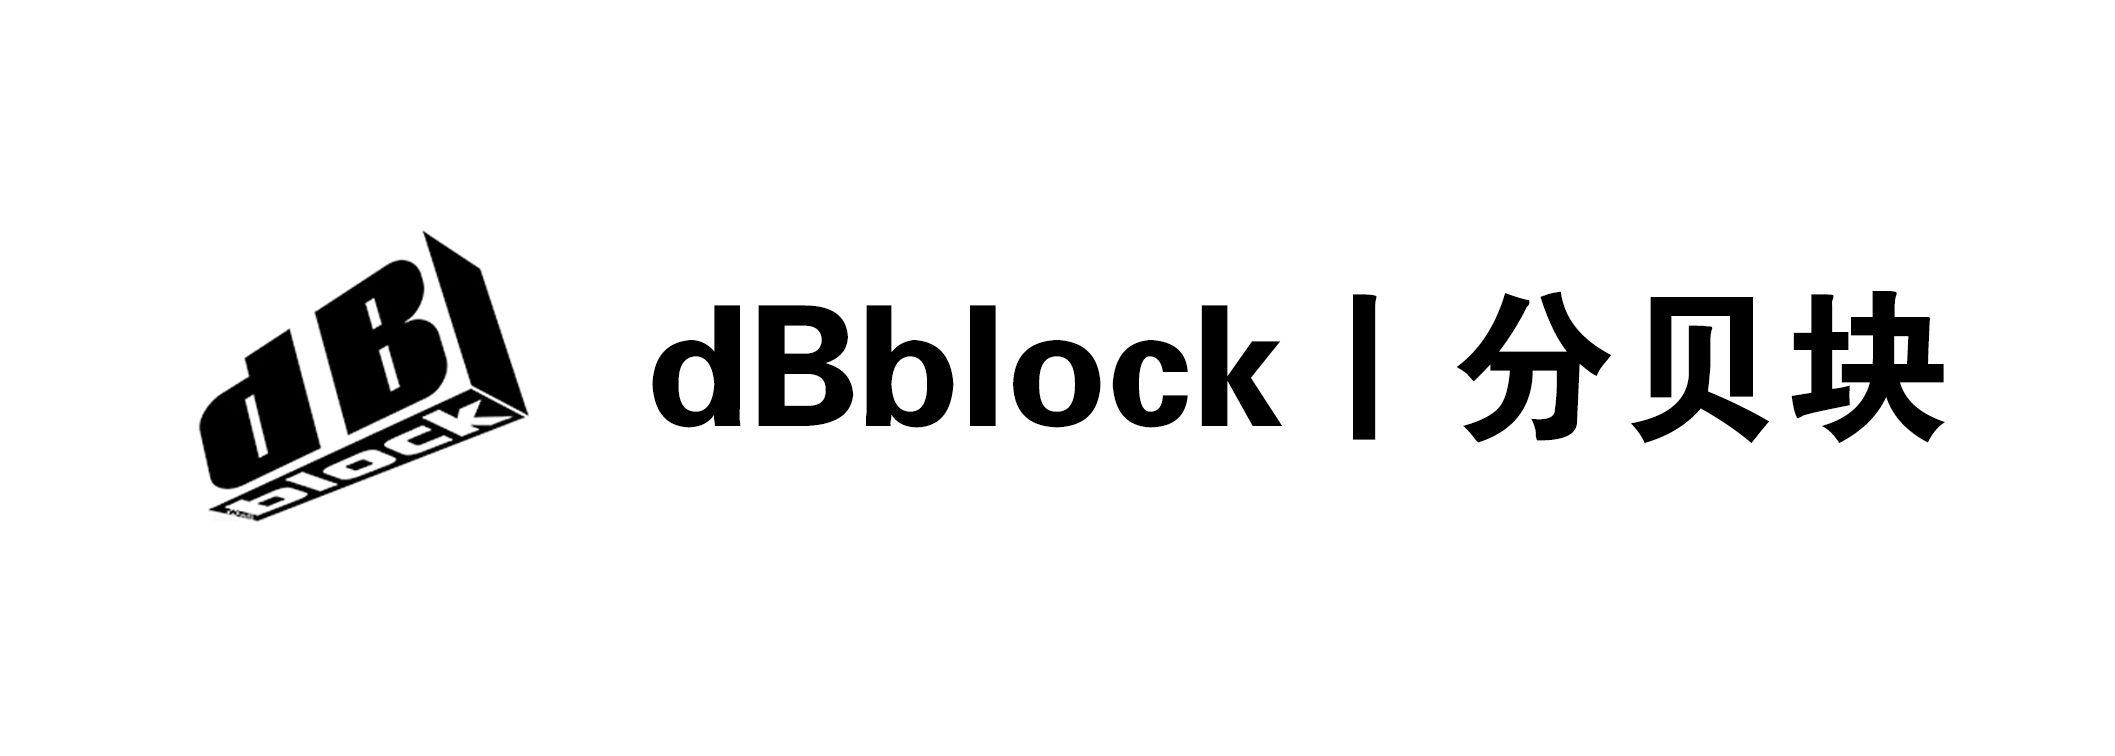 dBblock丨分贝块